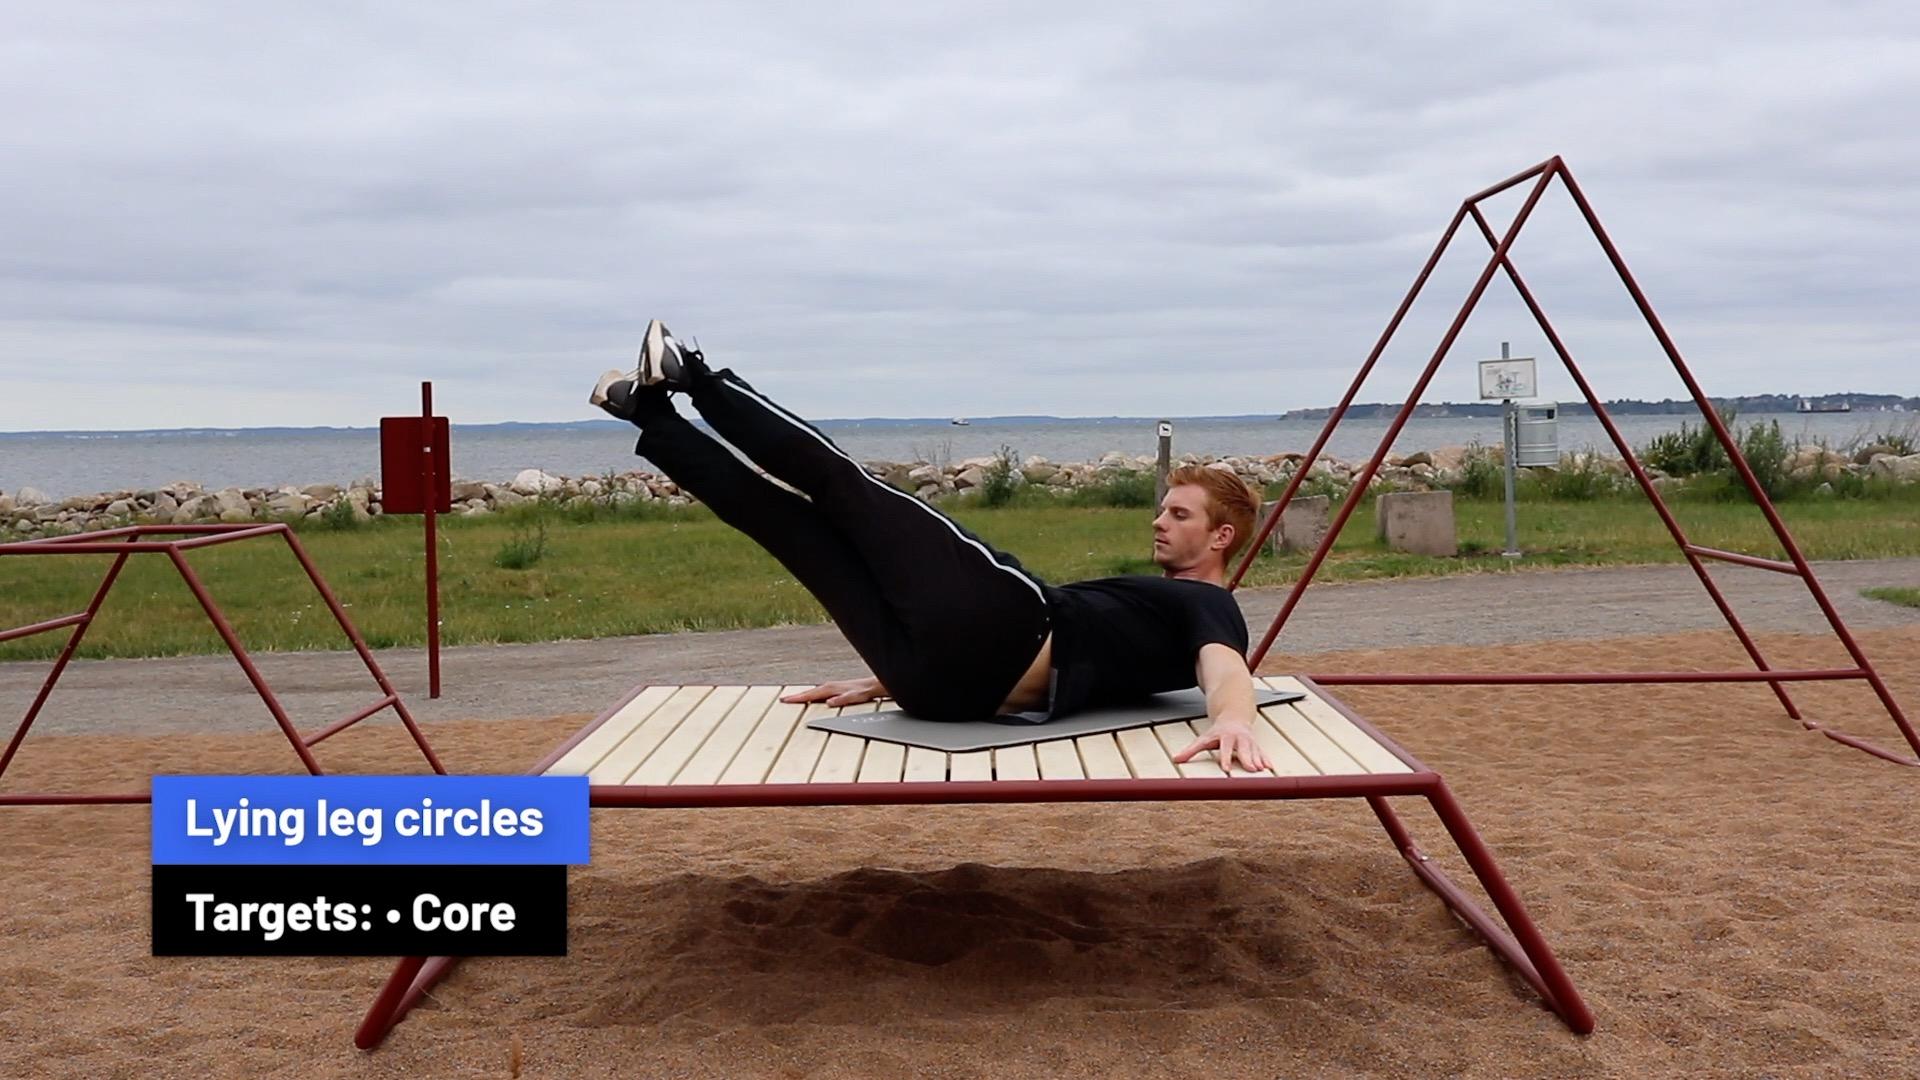 Lying leg circles